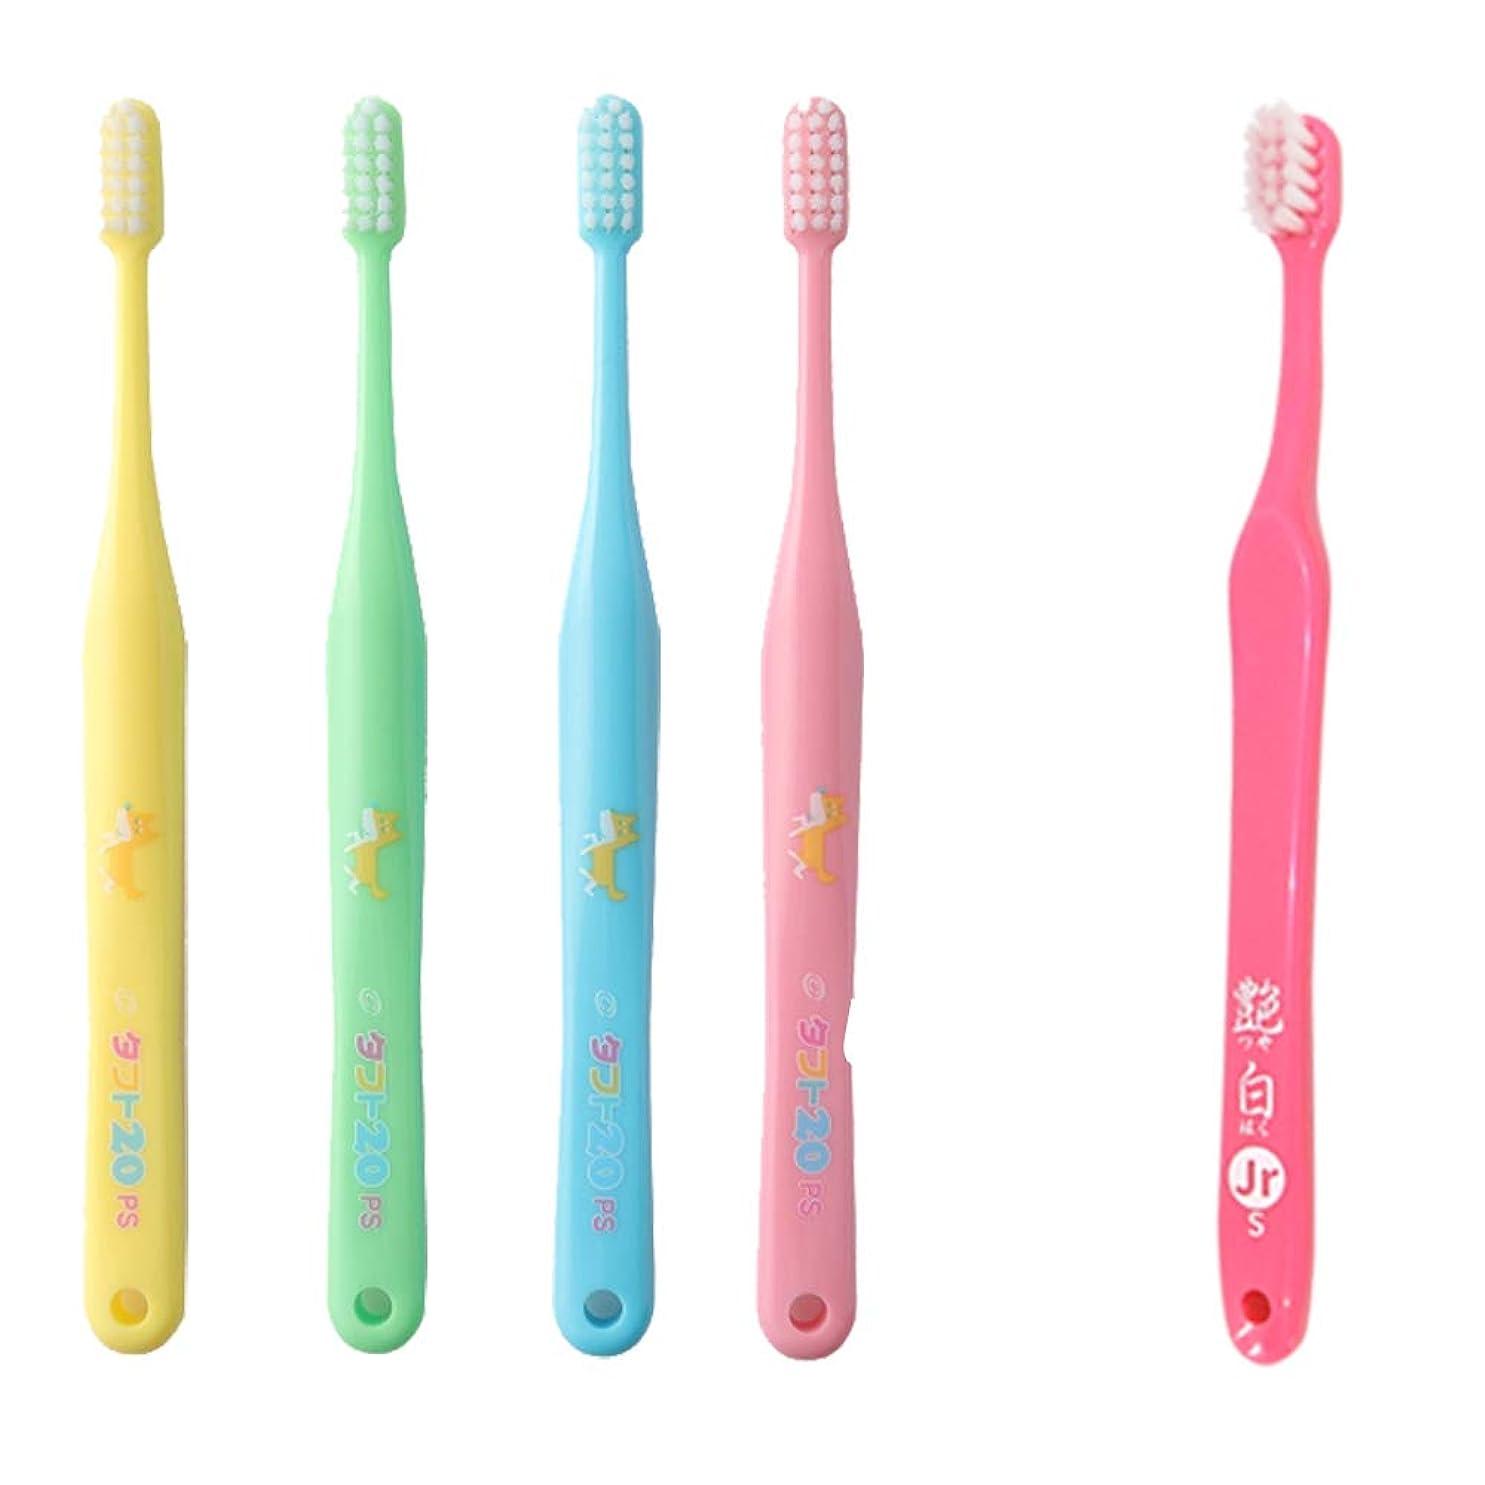 つかまえるパンチ電報タフト20(プレミアムソフト) 歯ブラシ25本 + 艶白6歳~12歳用(S)1本